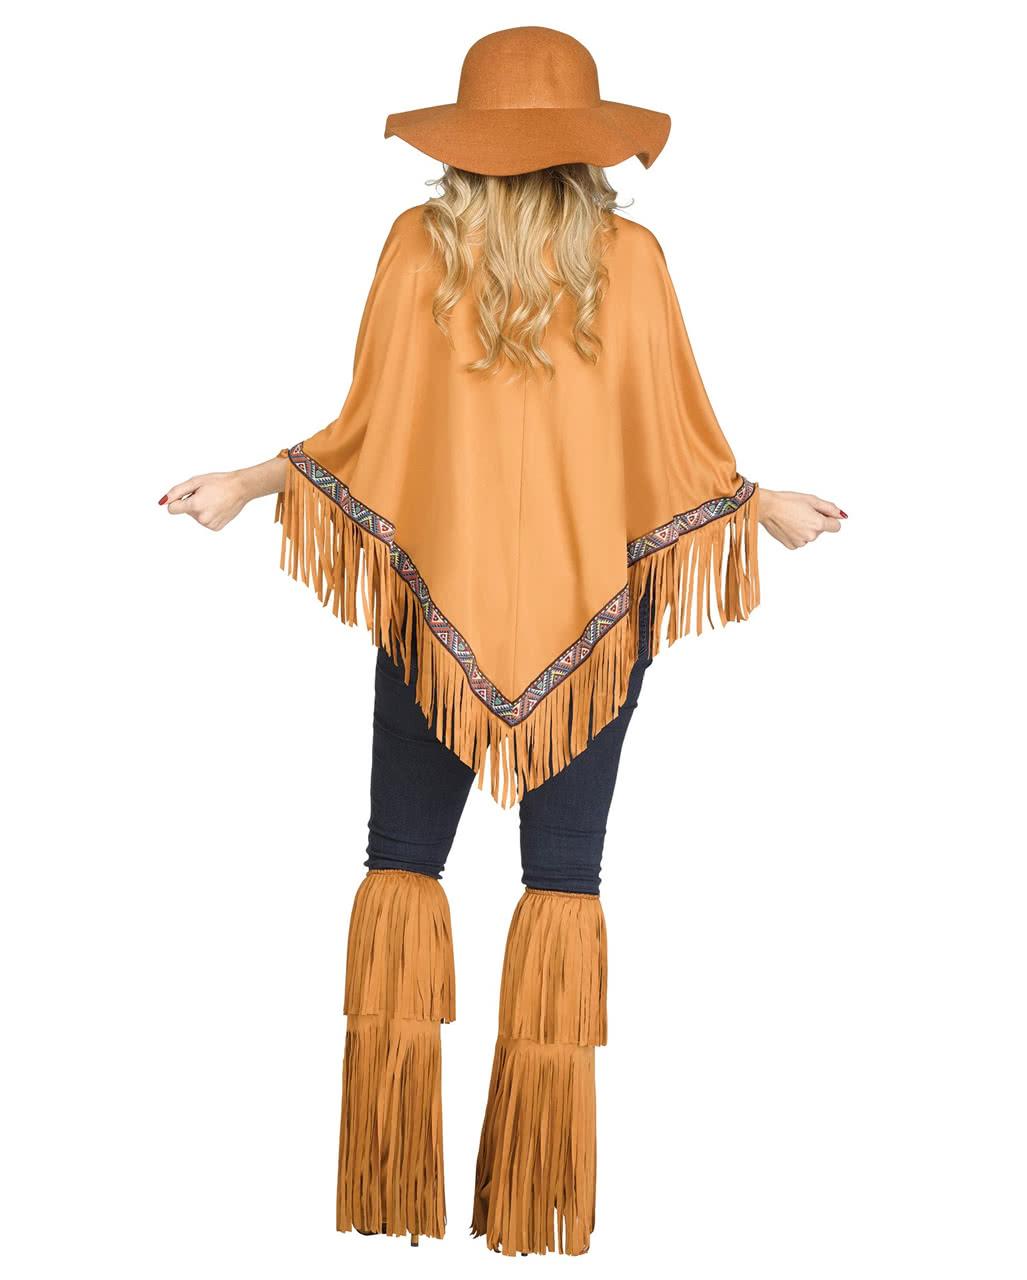 28005de06742d6 Indianerin Poncho braun | Mix & Match Kostüm | Horror-Shop.com